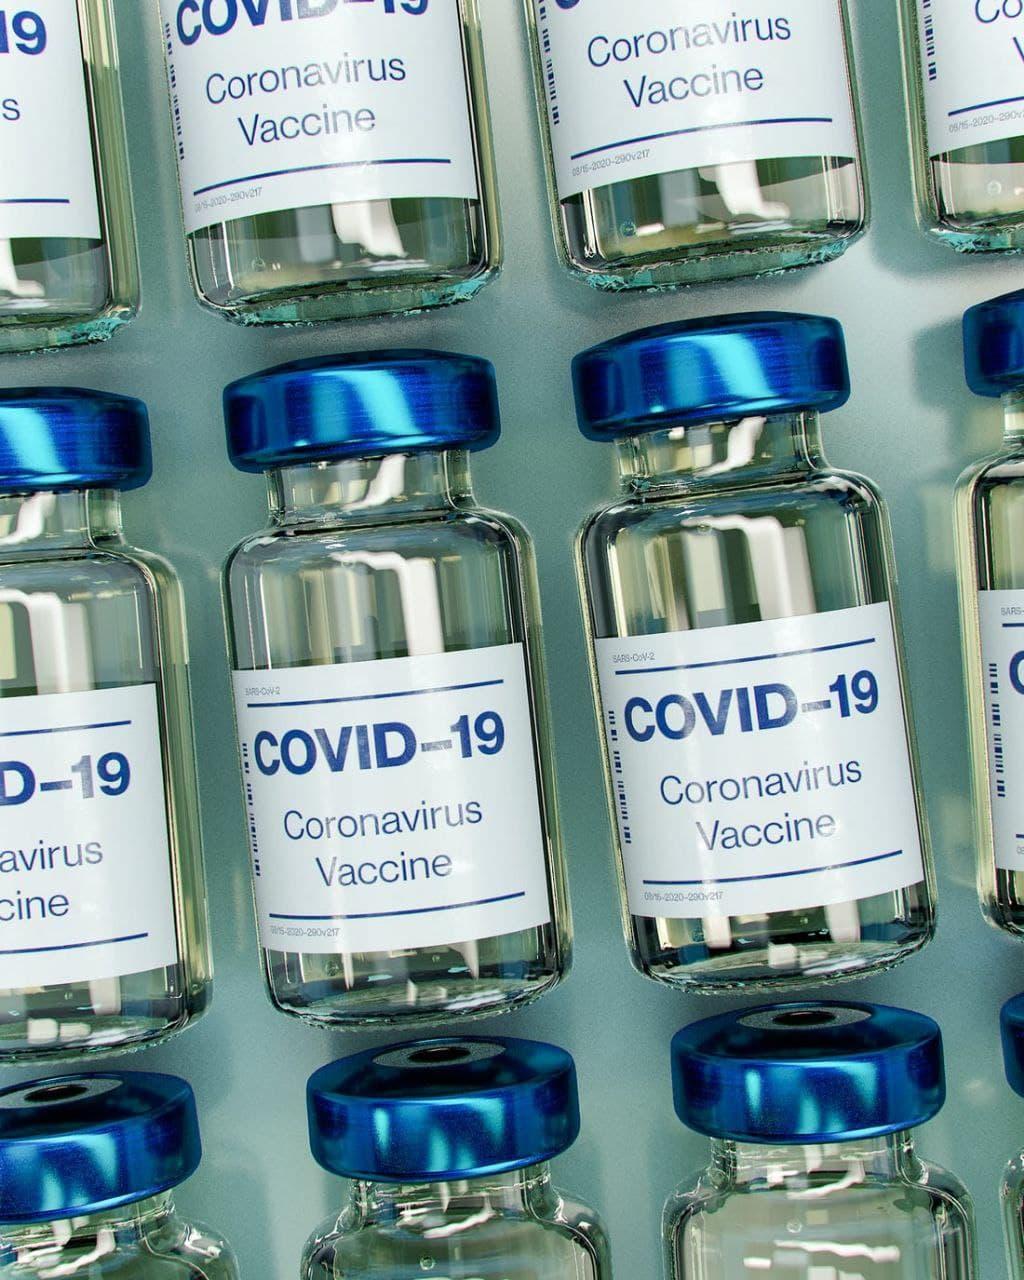 نوبت به واکسیناسیون خانواده کادر درمان رسید